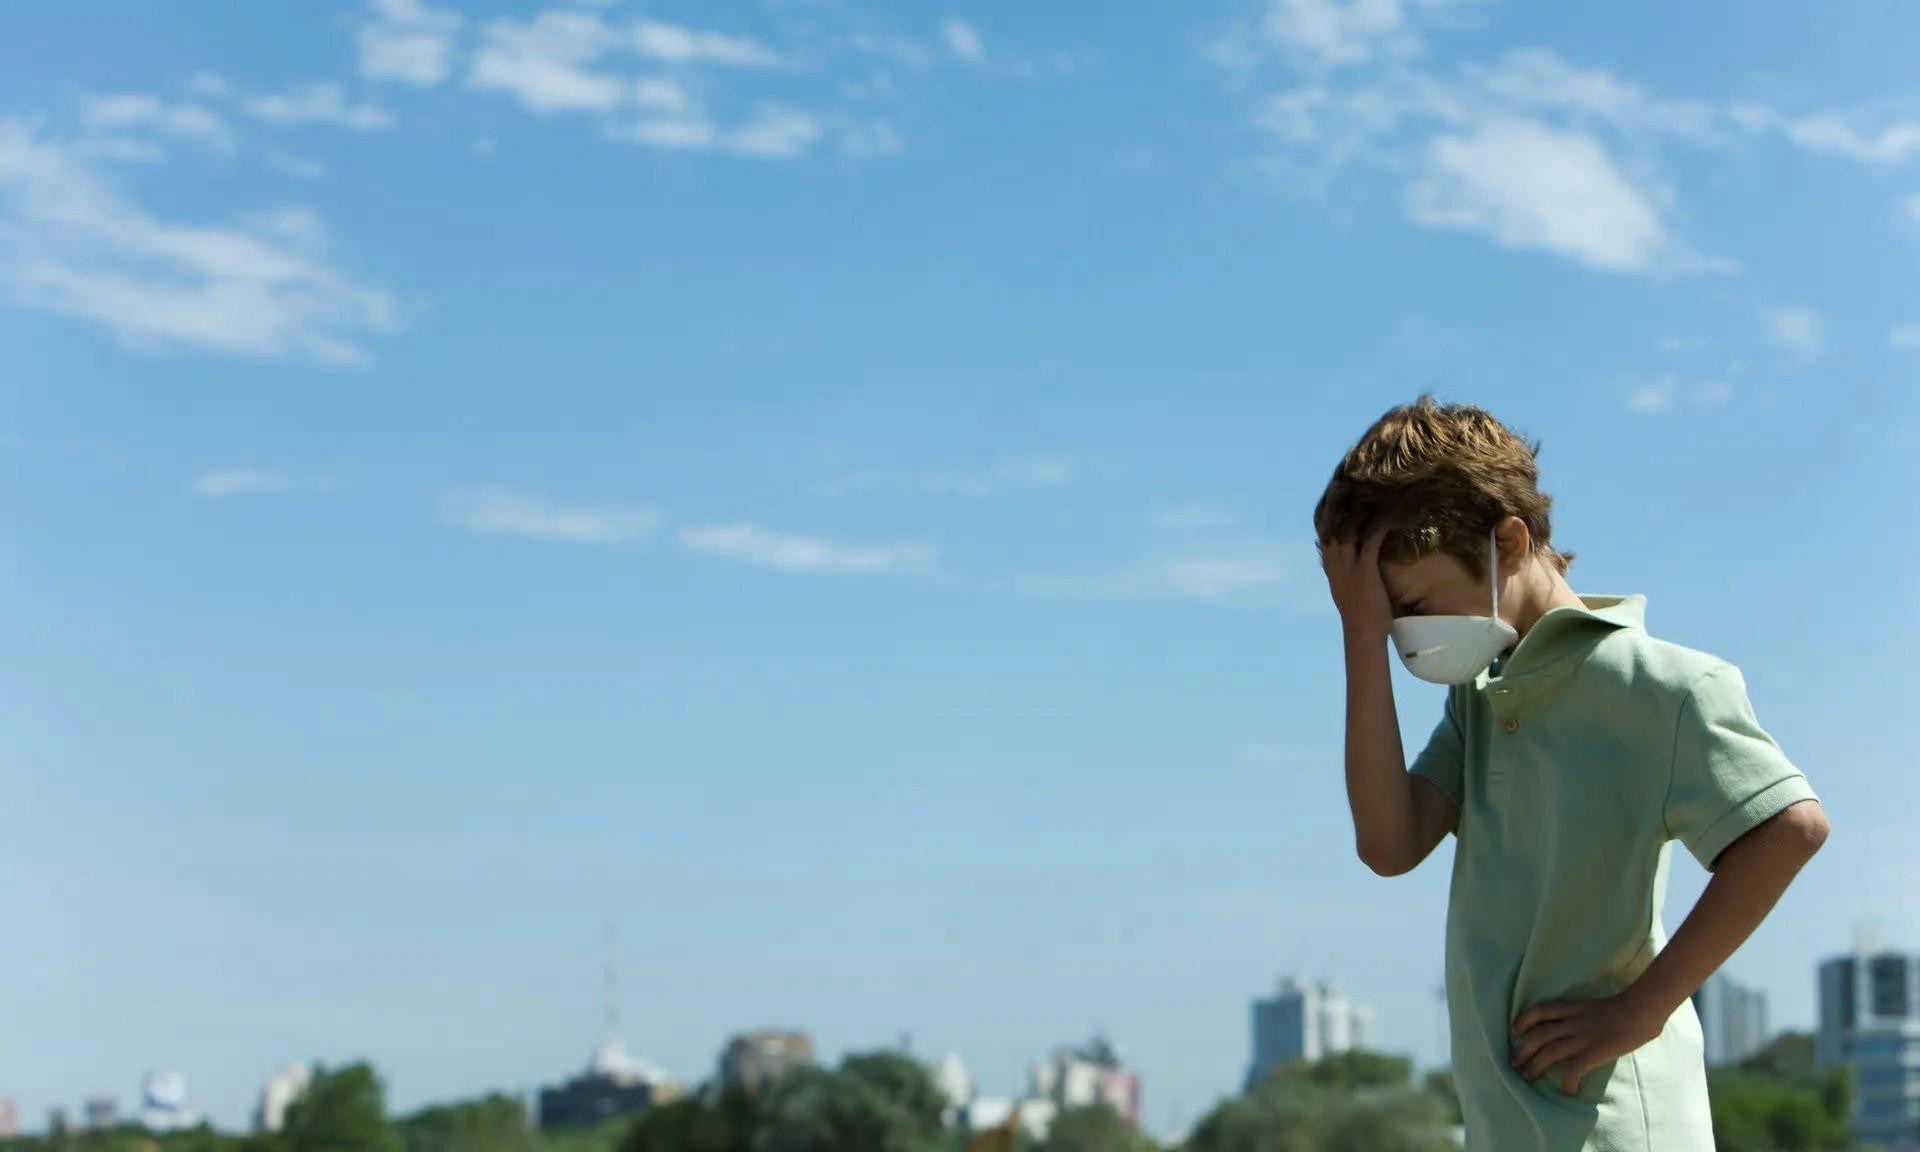 poluição criança - 1,7 milhões de crianças morrem anualmente por poluição do ar, da água e do seu celular